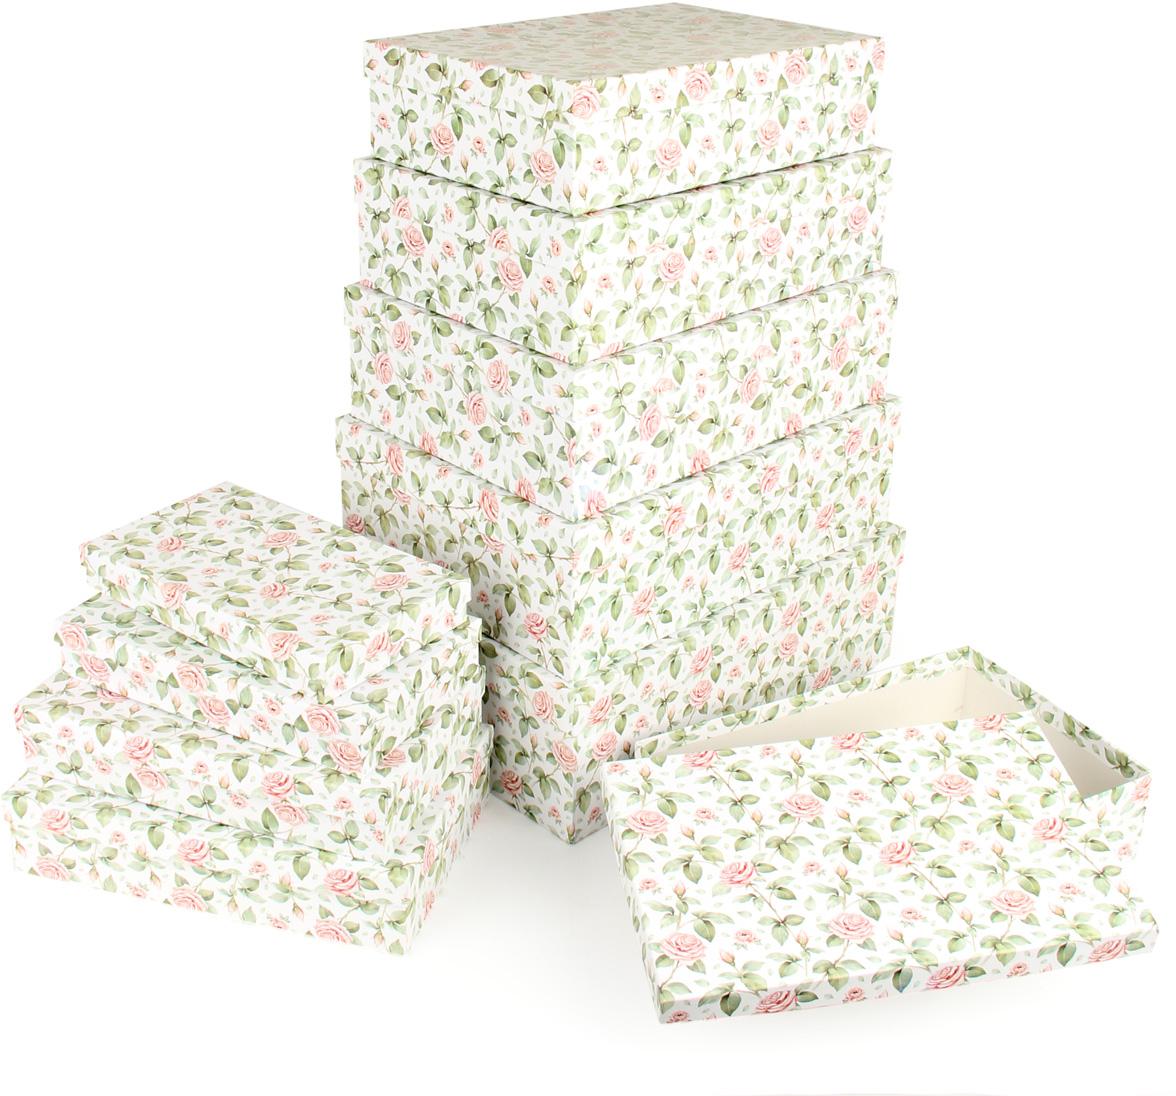 Набор подарочных коробок Veld-Co Чайные розы, 10 шт набор подарочных коробок veld co чайные розы круглые цвет белый 4 шт 67668